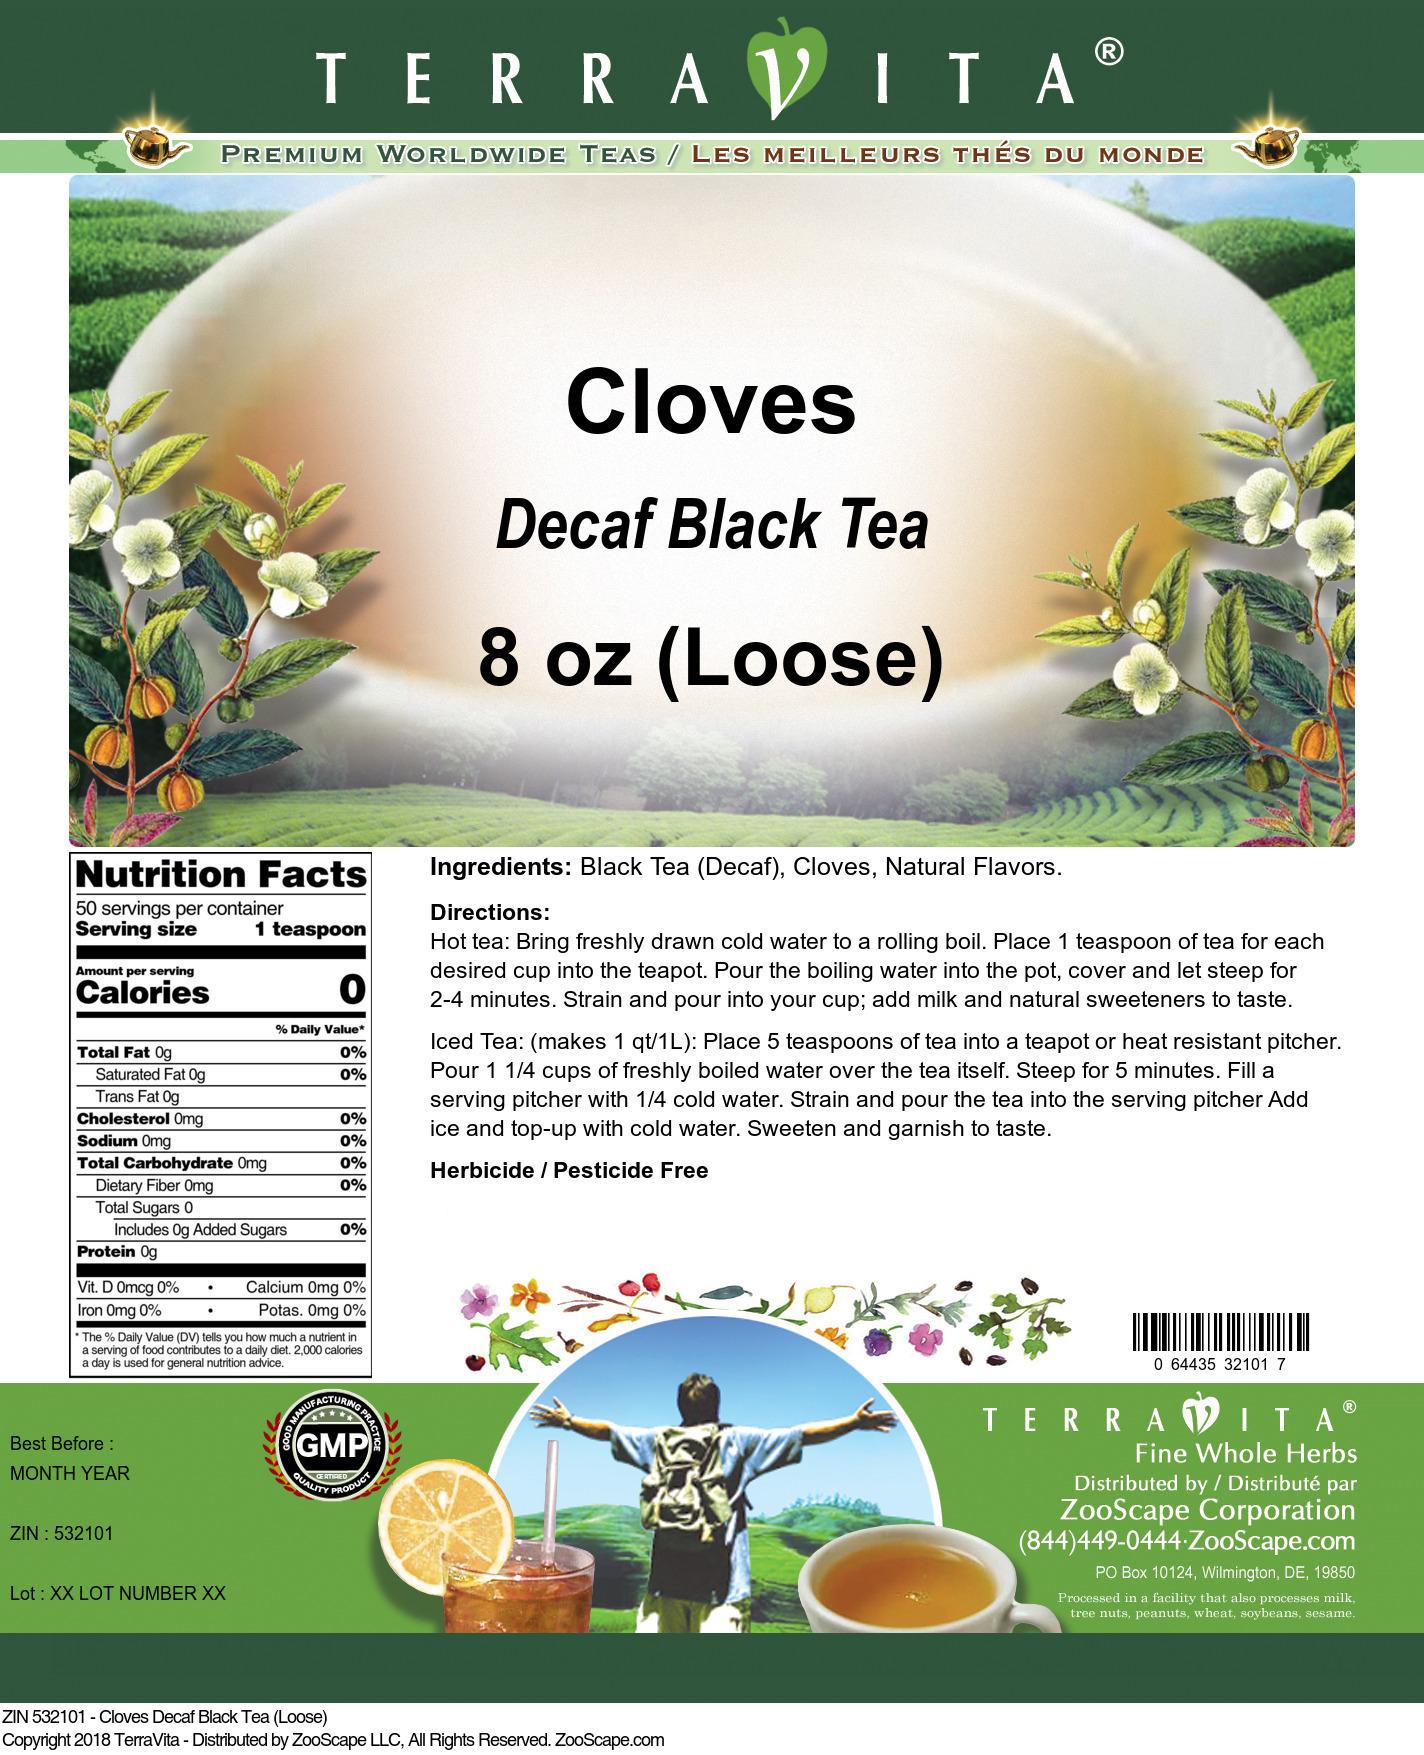 Cloves Decaf Black Tea (Loose)